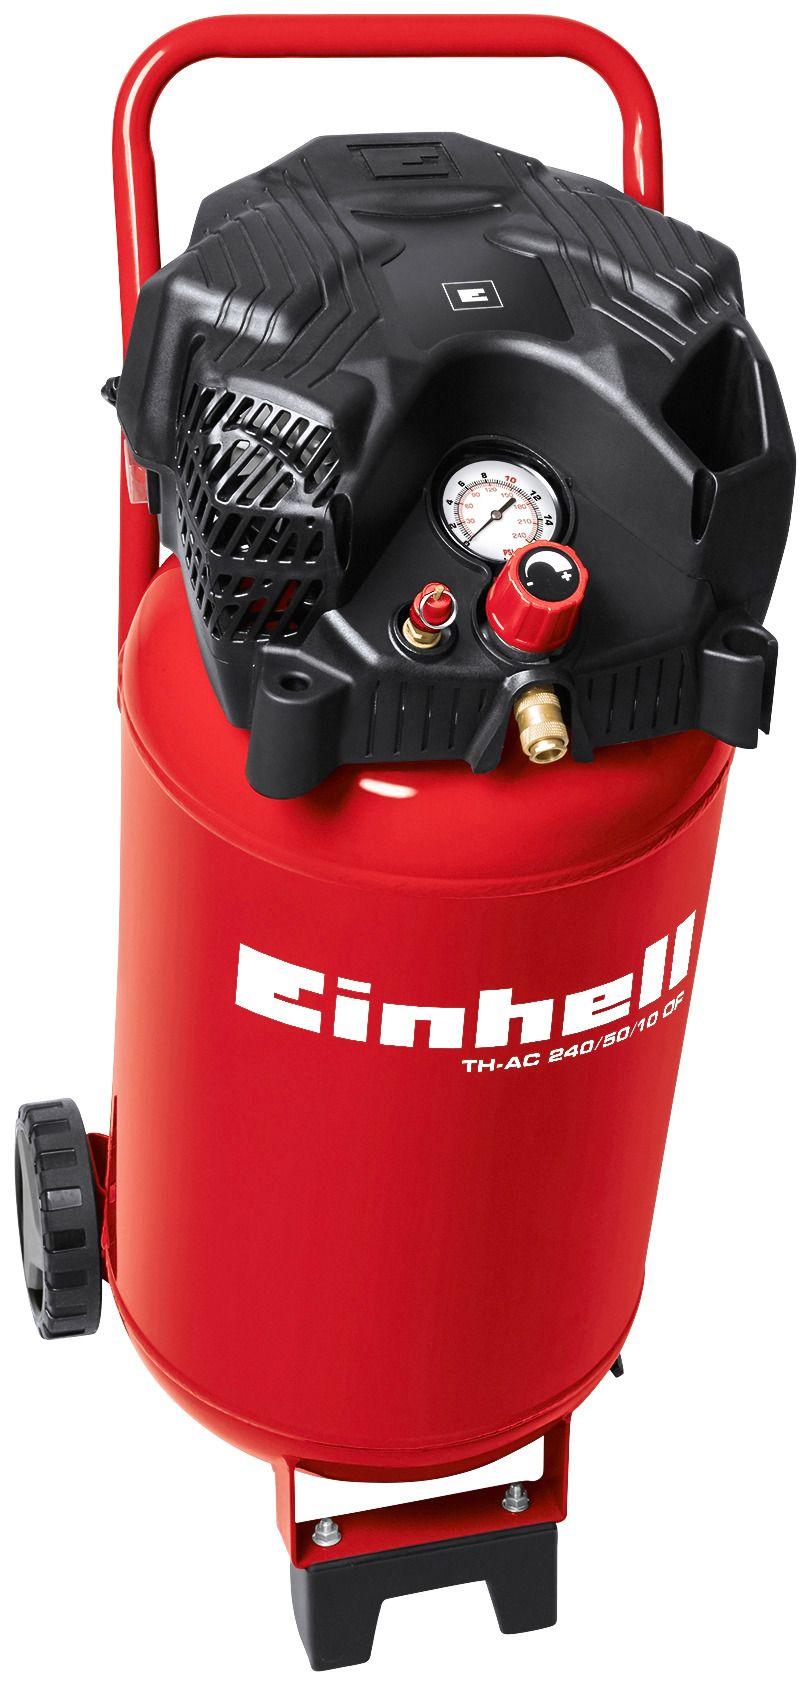 EINHELL Einhell Kompressor »TH-AC 240/50/10 OF«